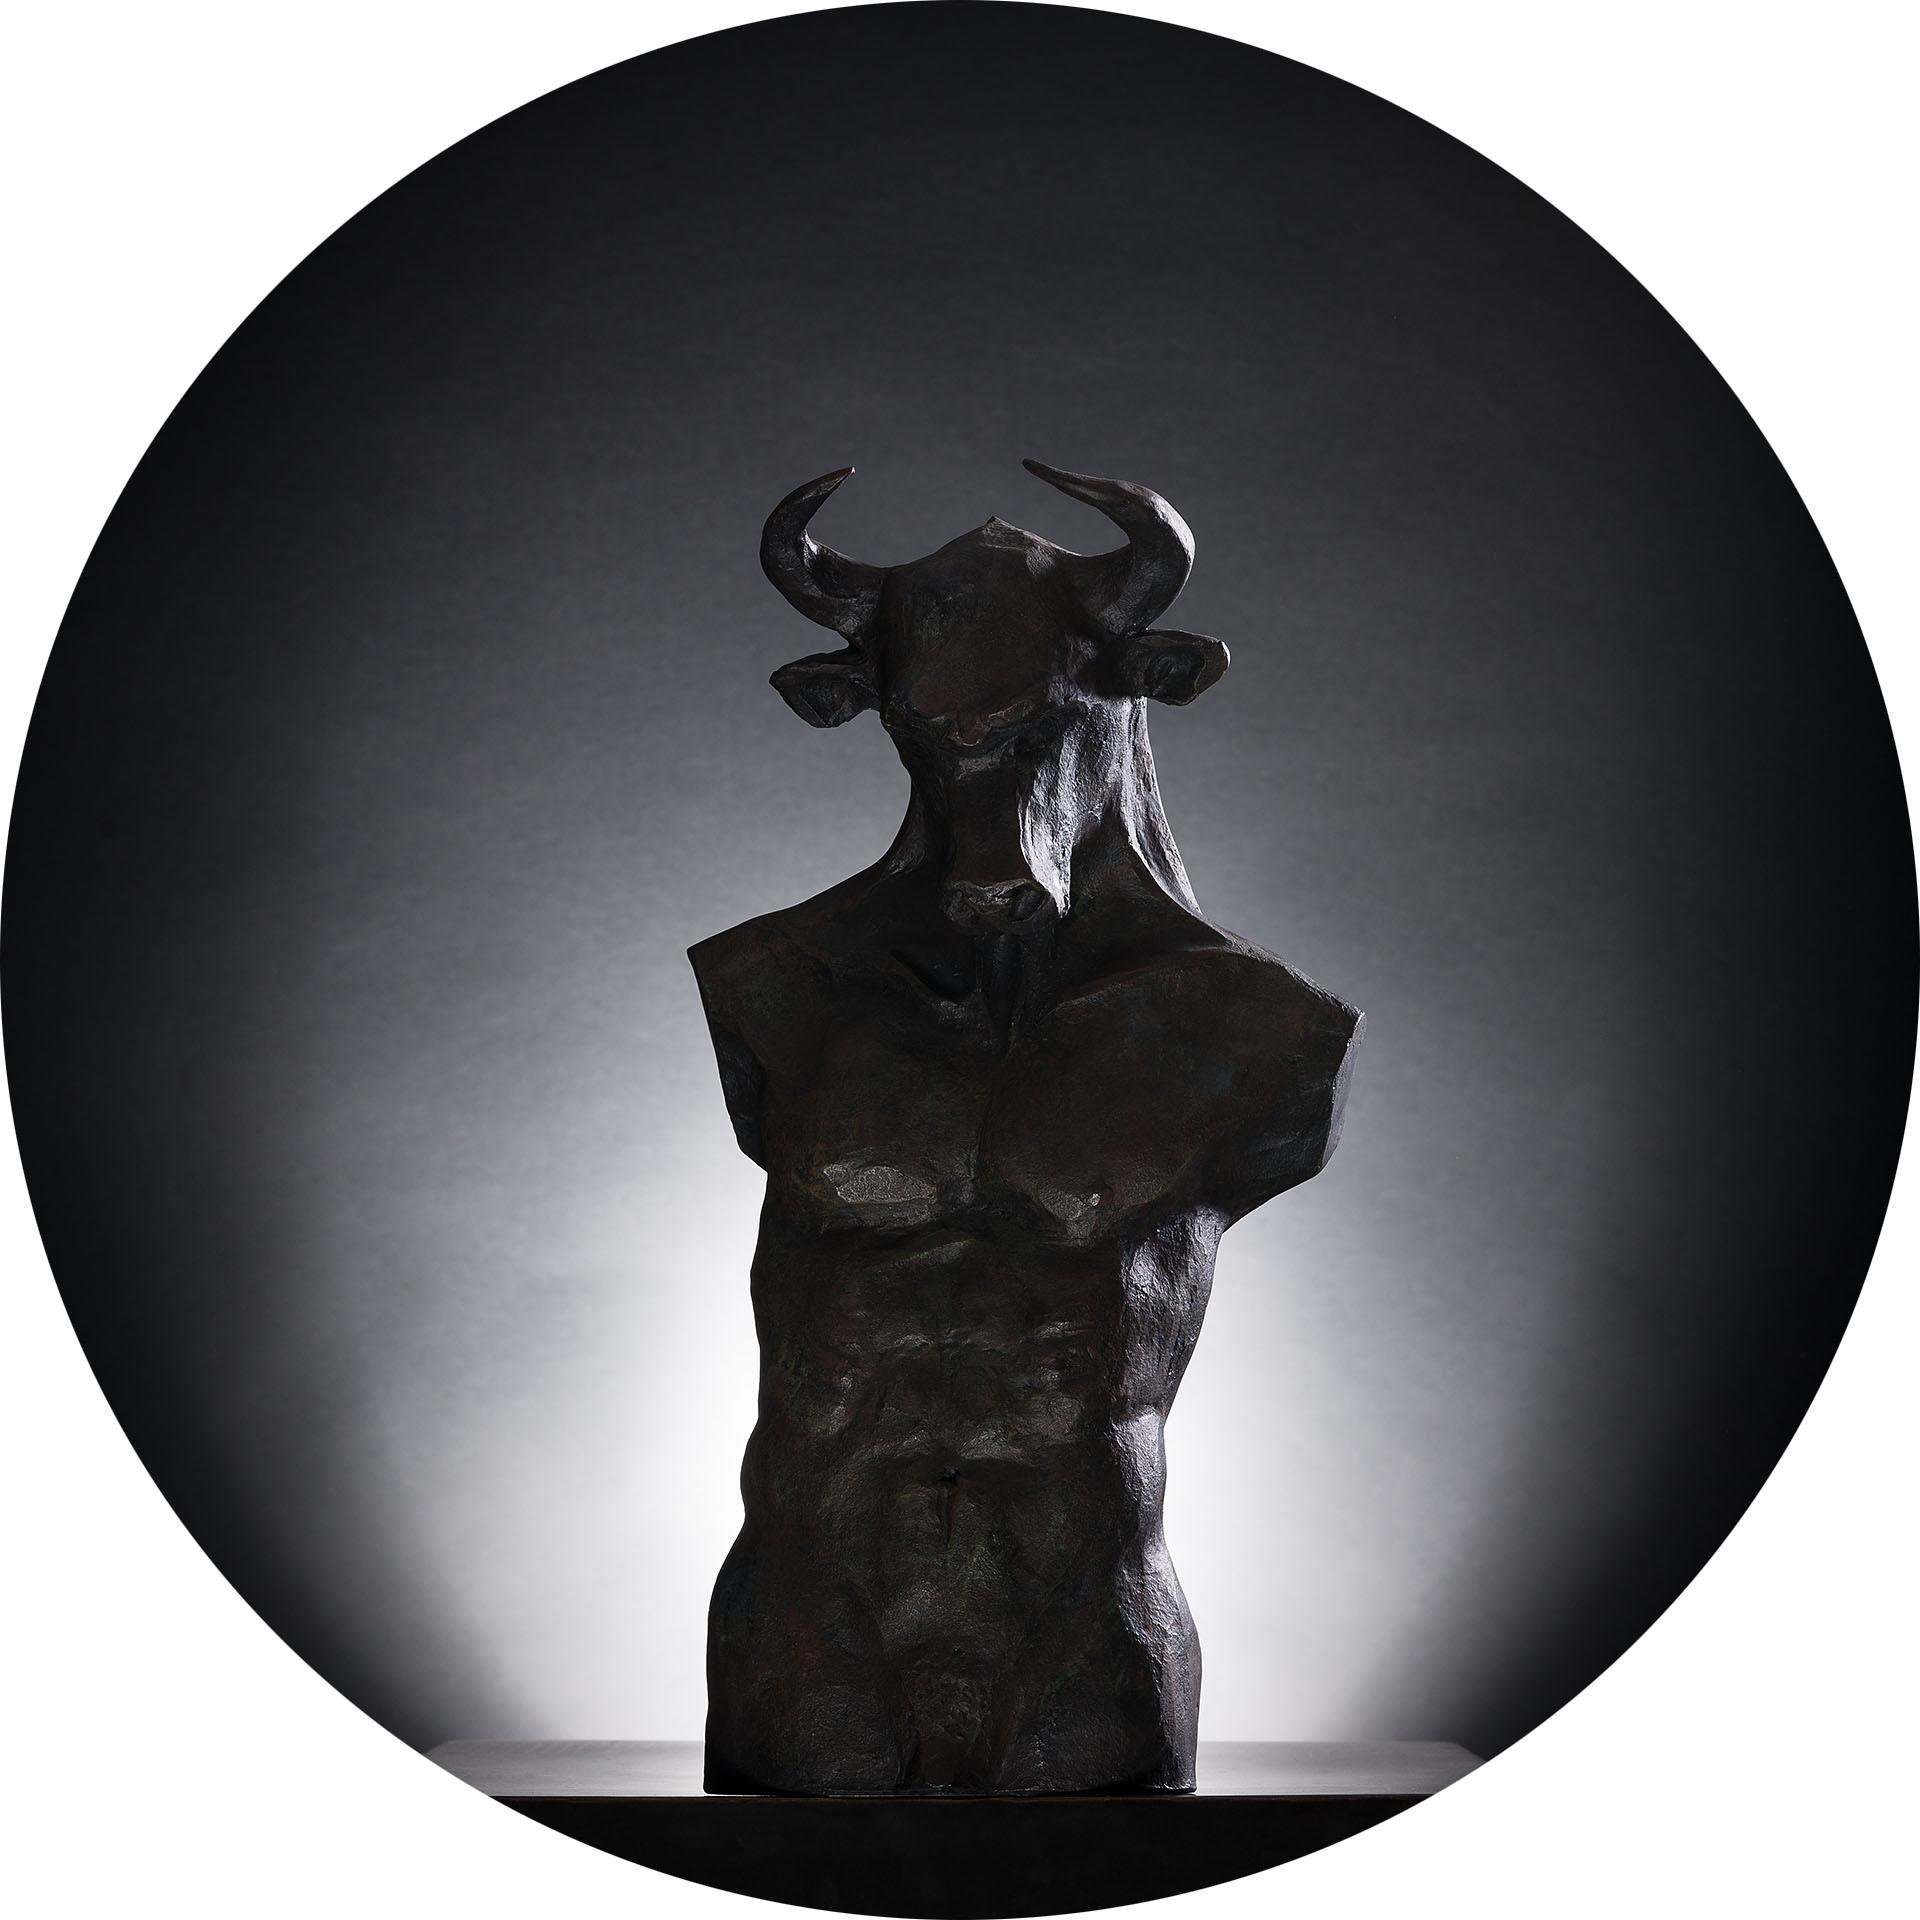 Objet de curiosité - Teaser pour le salon Maison & Objet Paris - Septembre 2015